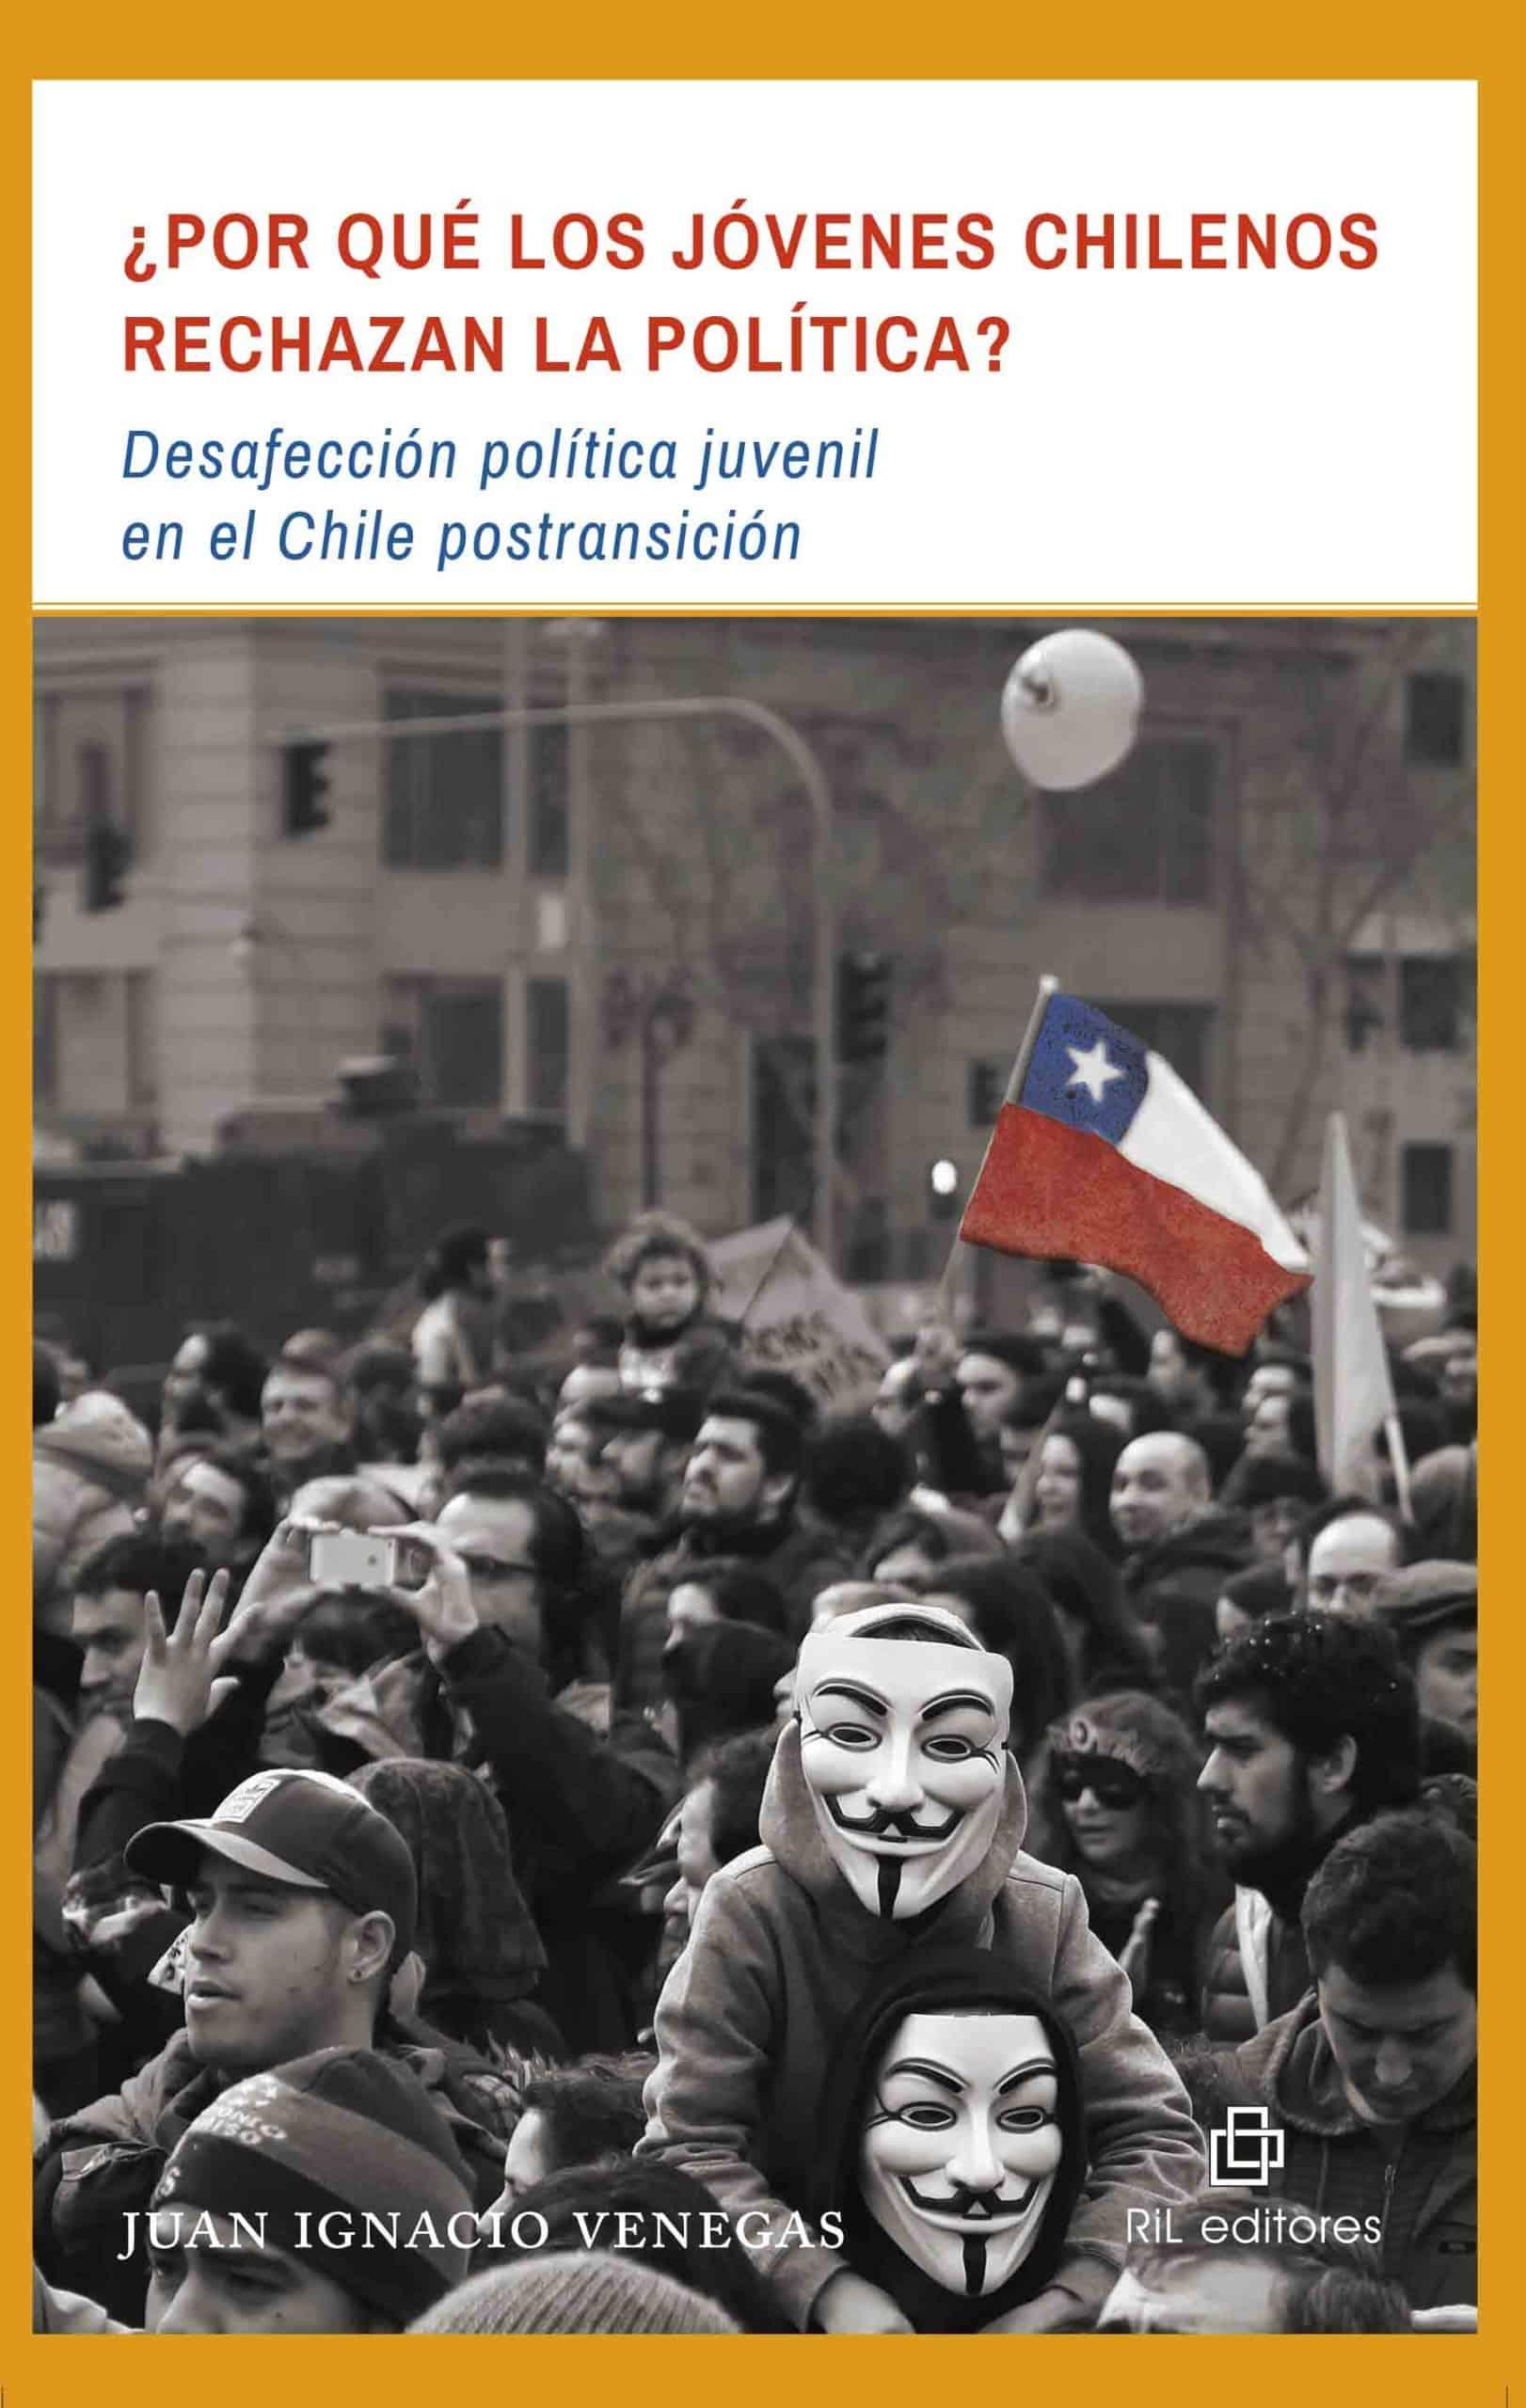 ¿Por qué los jóvenes chilenos rechazan la política? Desafección política juvenil en el Chile postransición 1